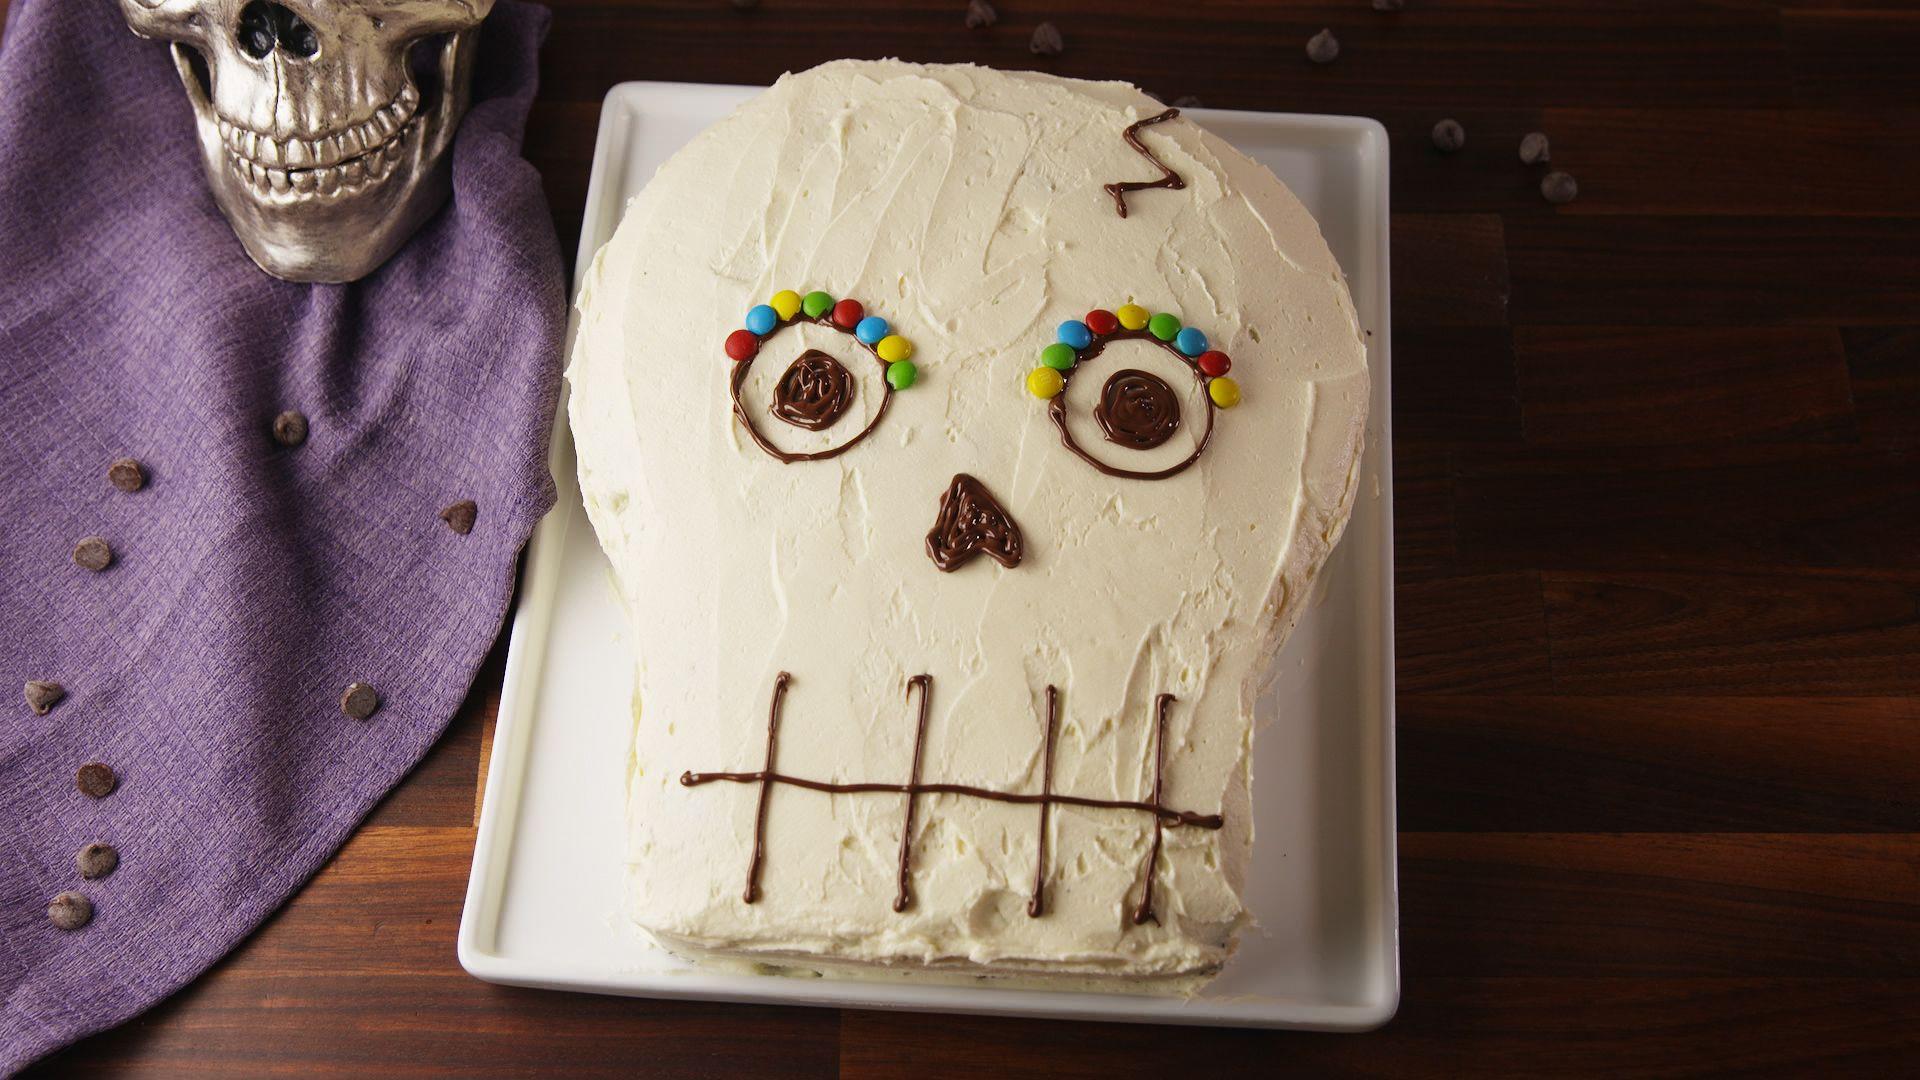 20 Day Of The Dead Party Food Ideas Dia De Los Muertos Recipes